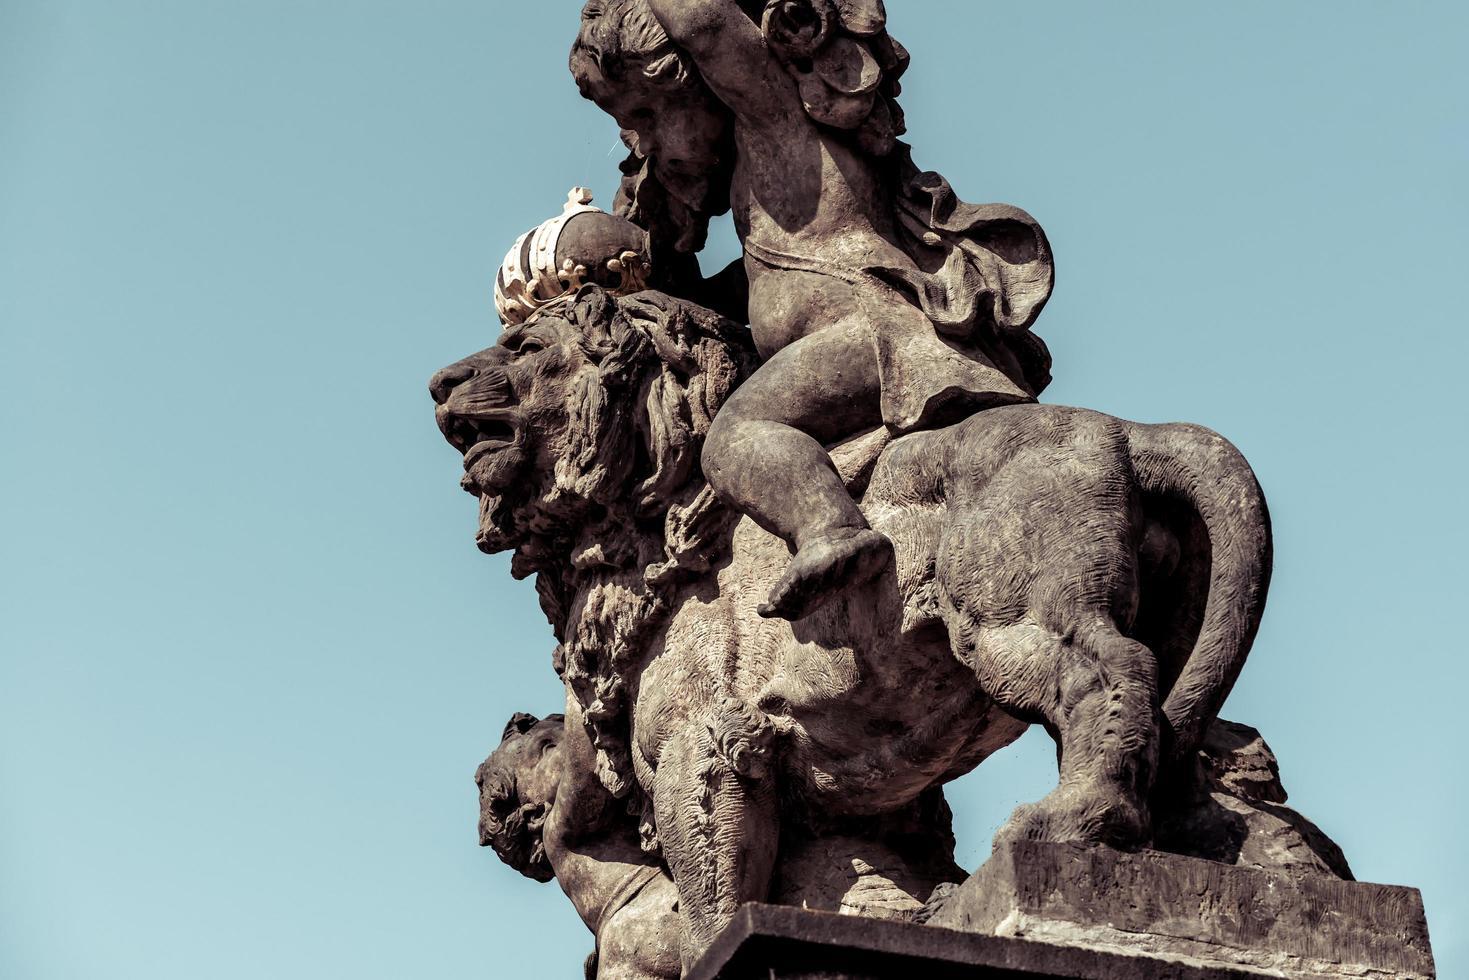 République tchèque 2016 - statue de lion portant une couronne d'or au château de prague photo